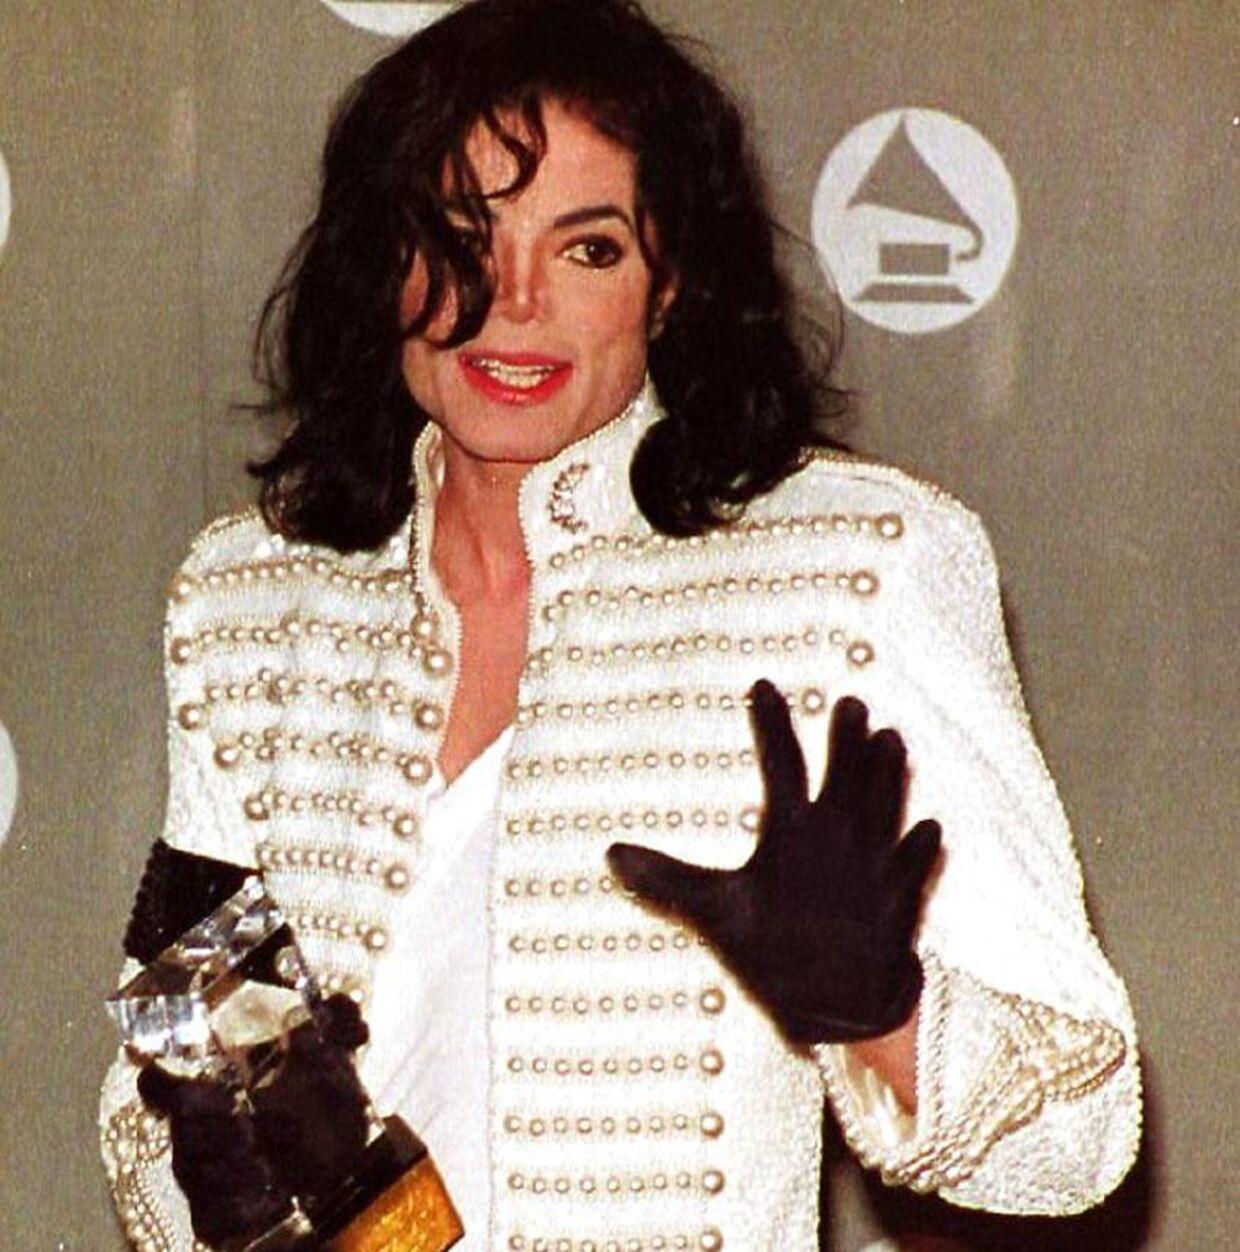 Jacob Risgaard var kæmpe fan af Michael Jackson og husker tydeligt, da han i 1984 vandt syv Grammyer. Billedet her er dog fra uddelingen i 1993.